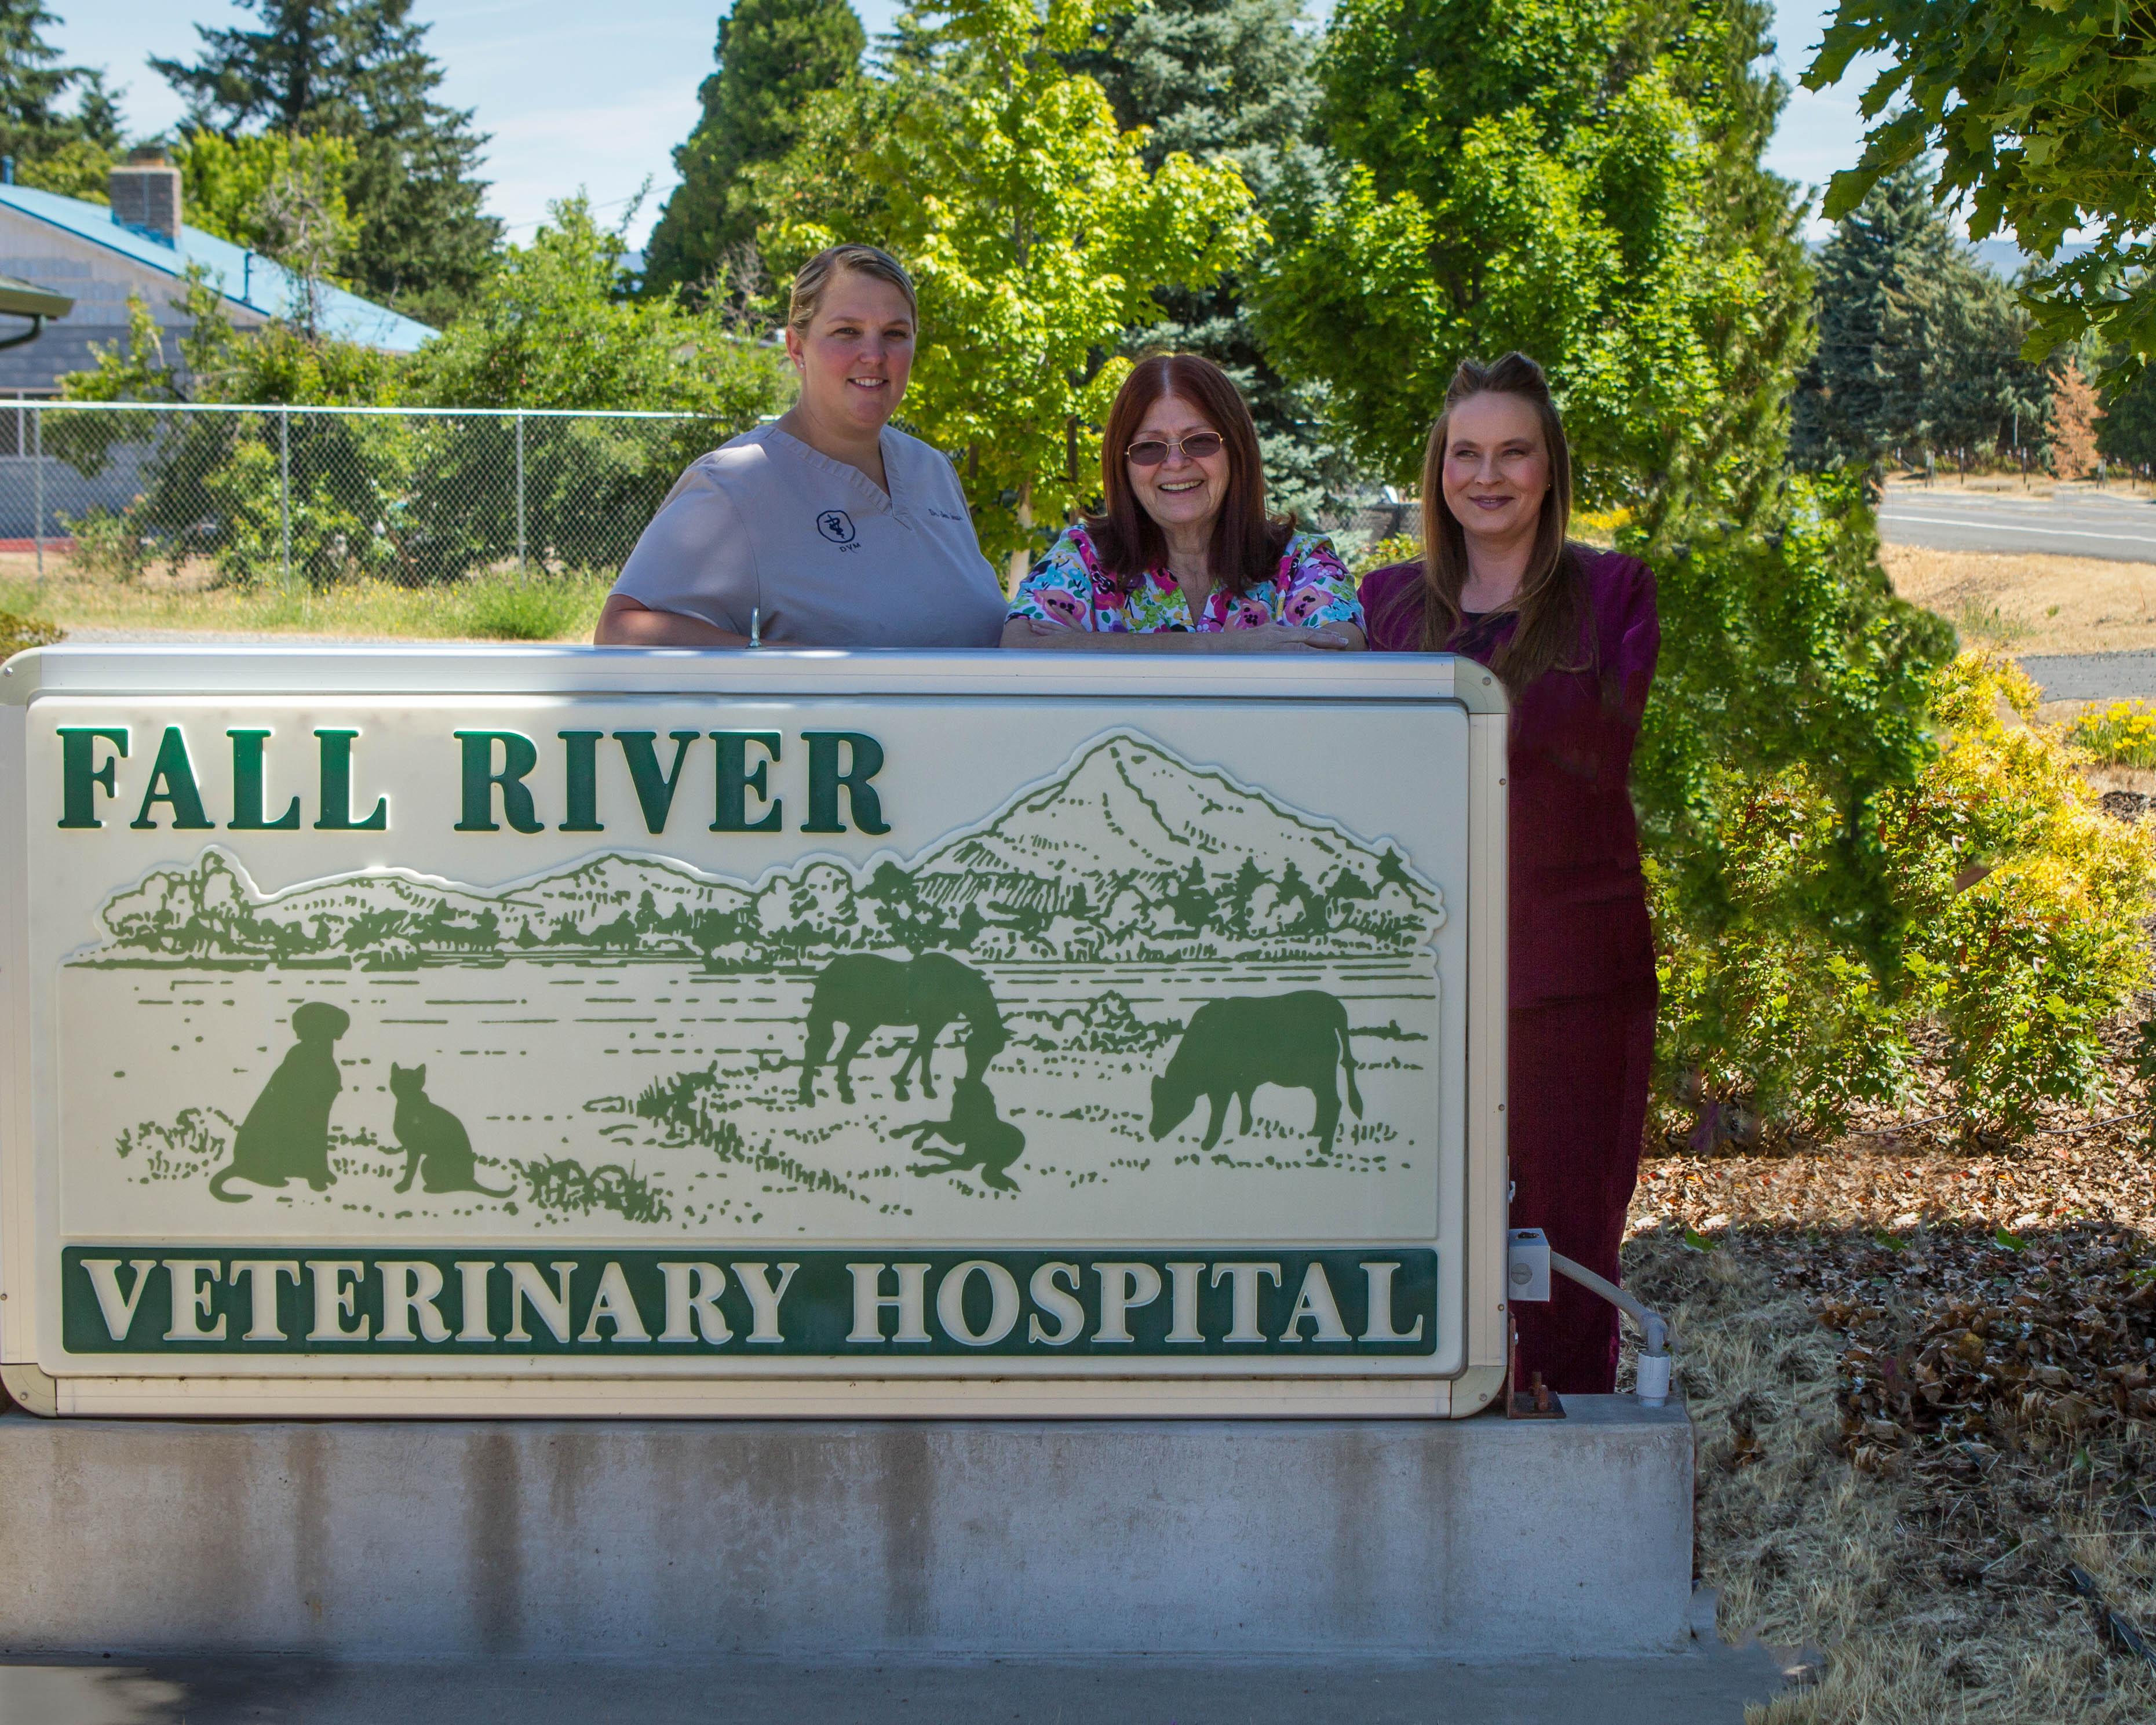 Fall River Veterinary Hospital - Veterinarian in Fall River Mills